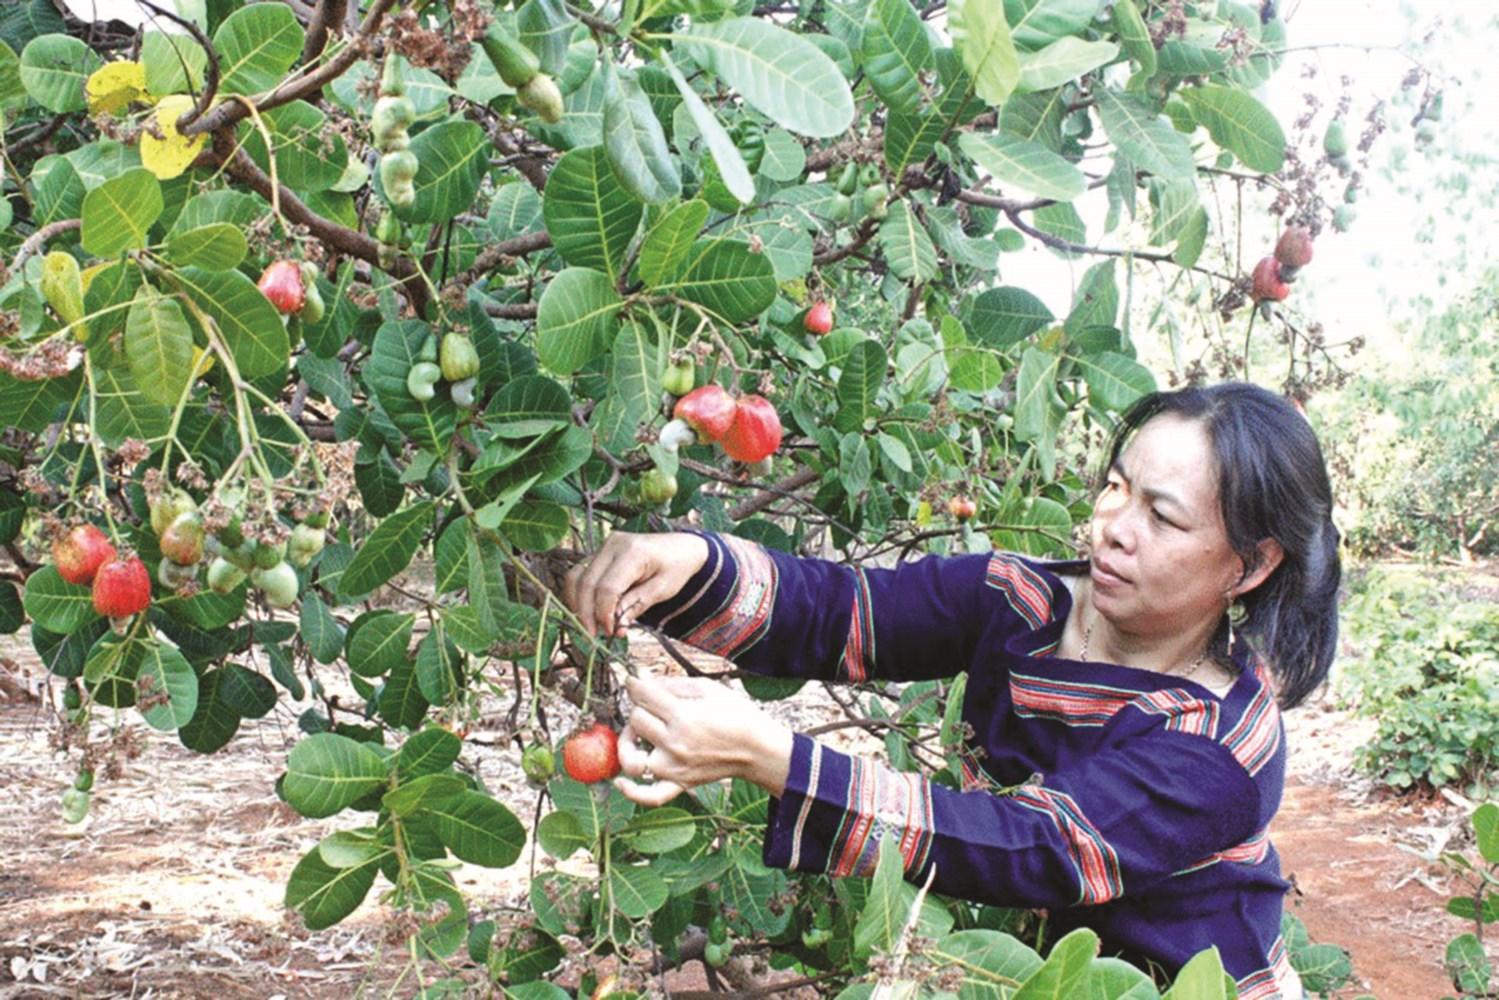 Sản xuất điều vùng DTTS tham gia vào xuất khẩu nông sản